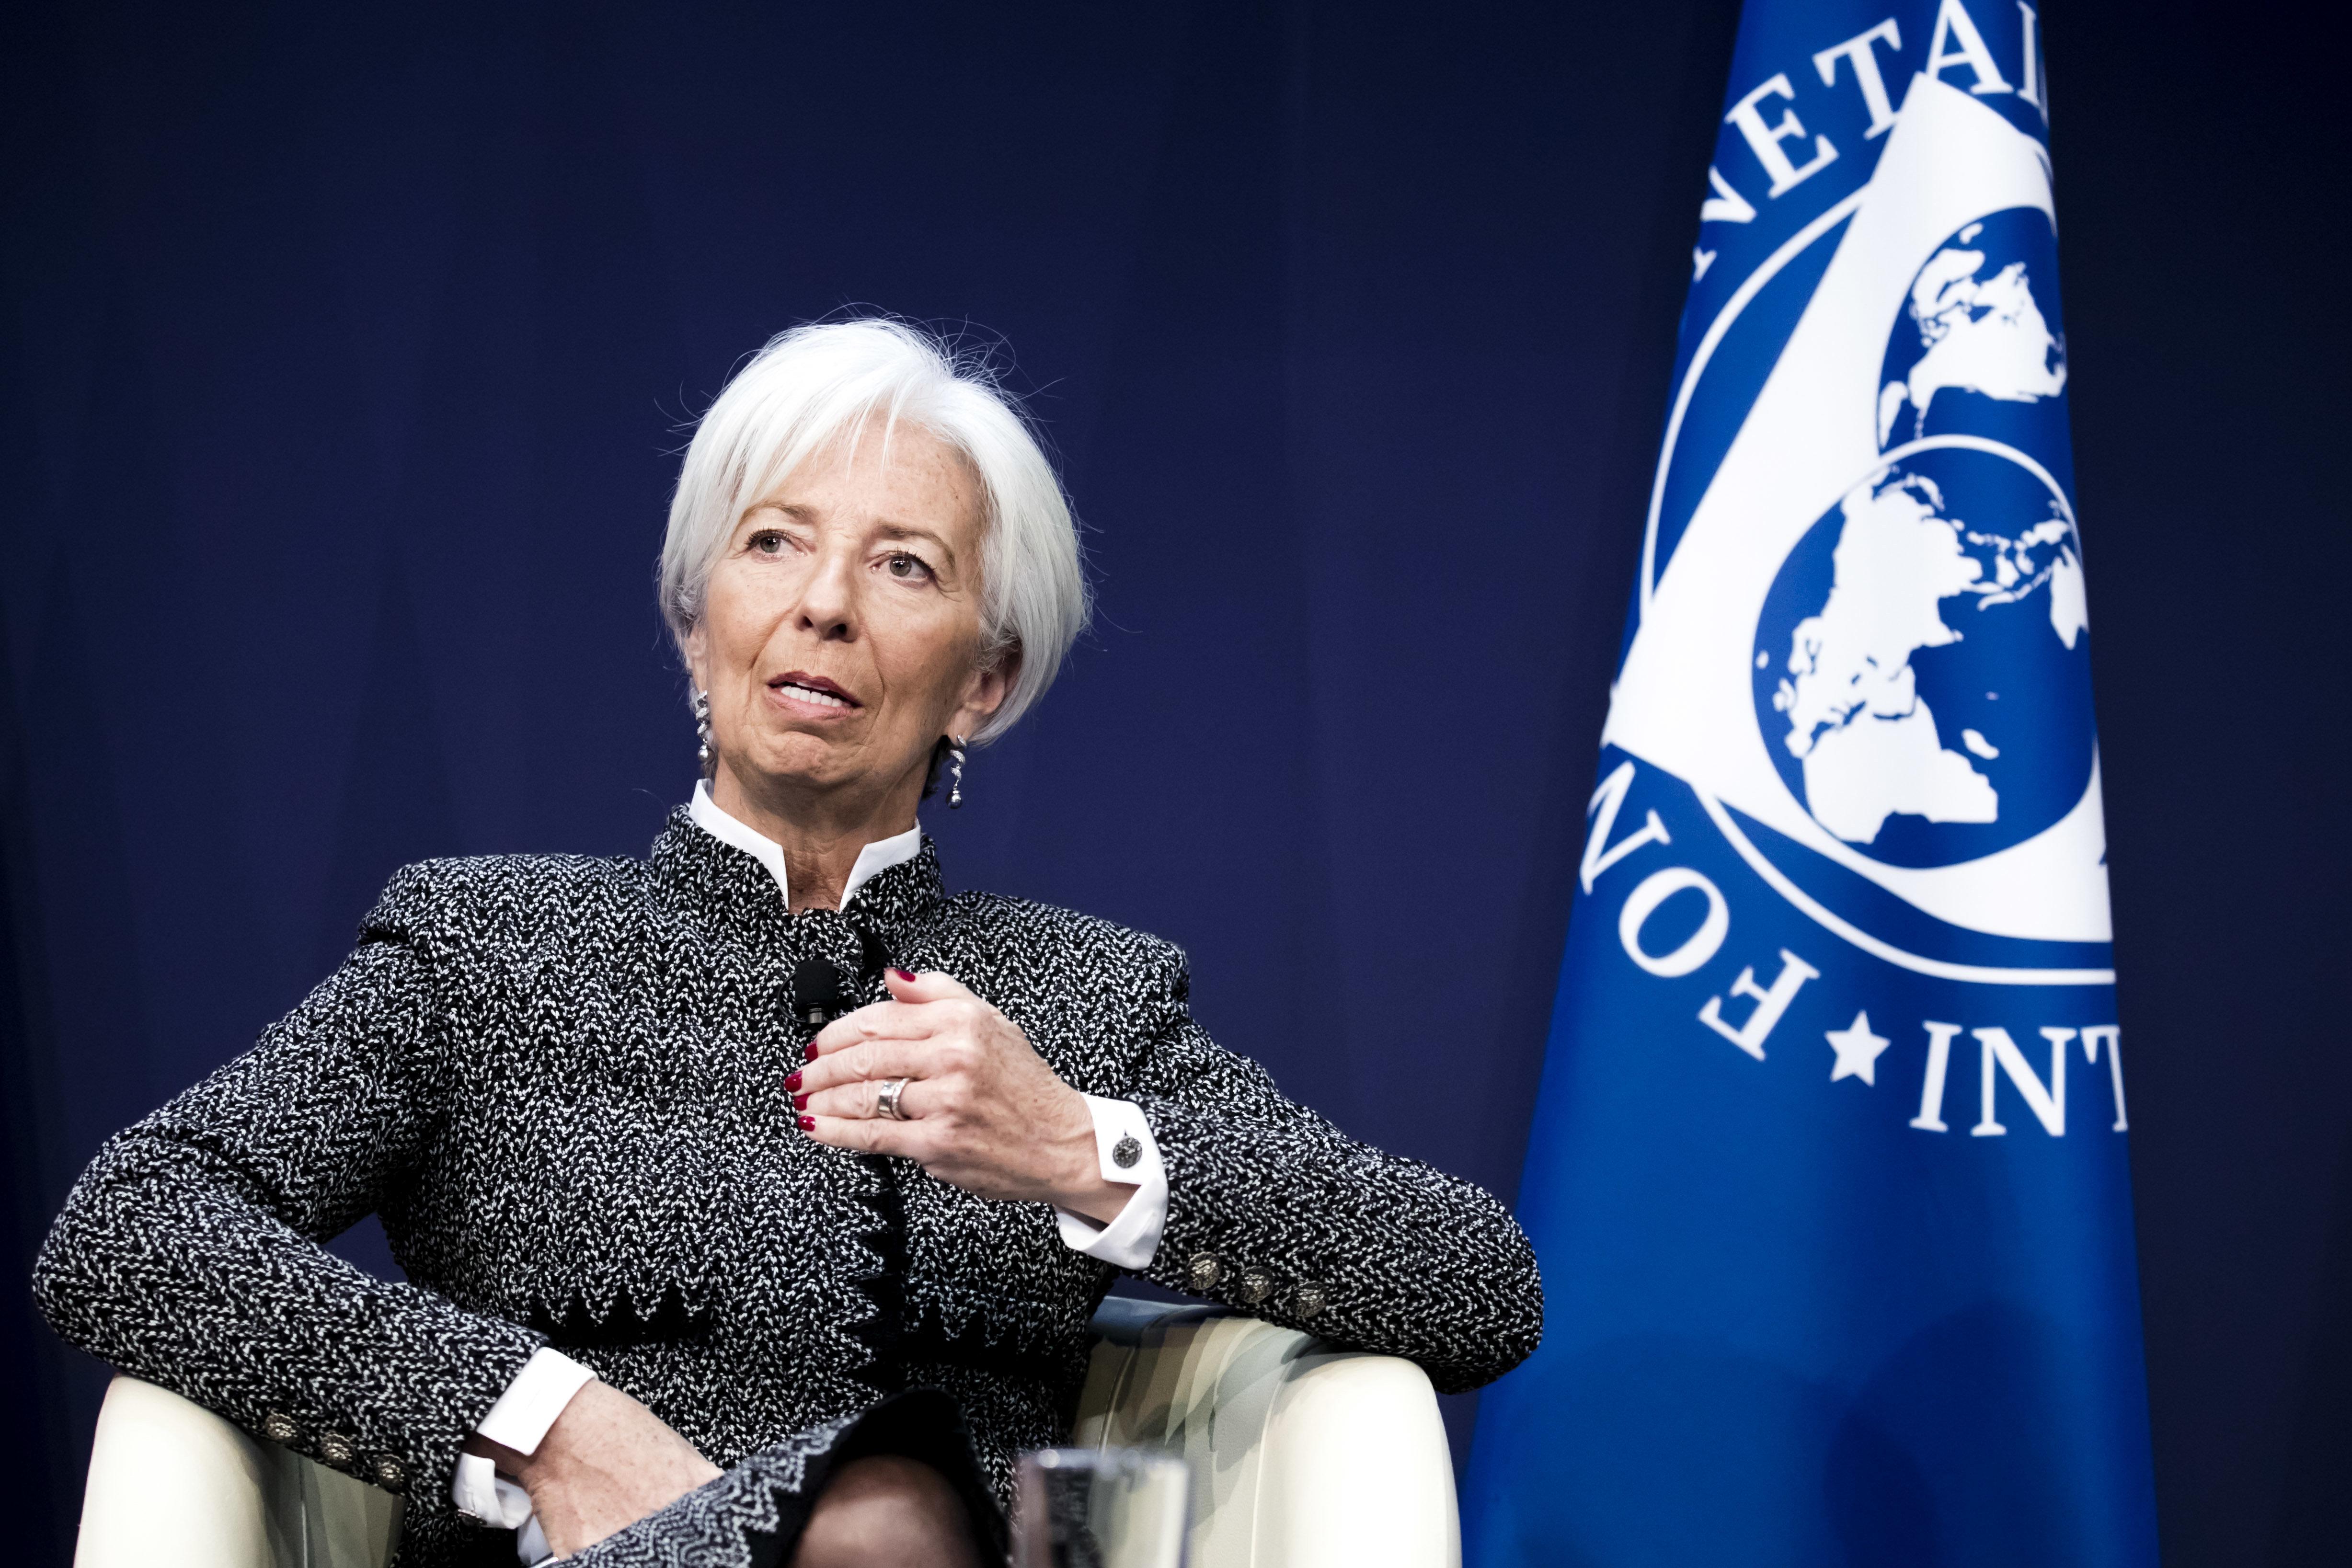 Το ΔΝΤ επιστρέφει: Προς ενεργοποίηση του δικού του τρίτου